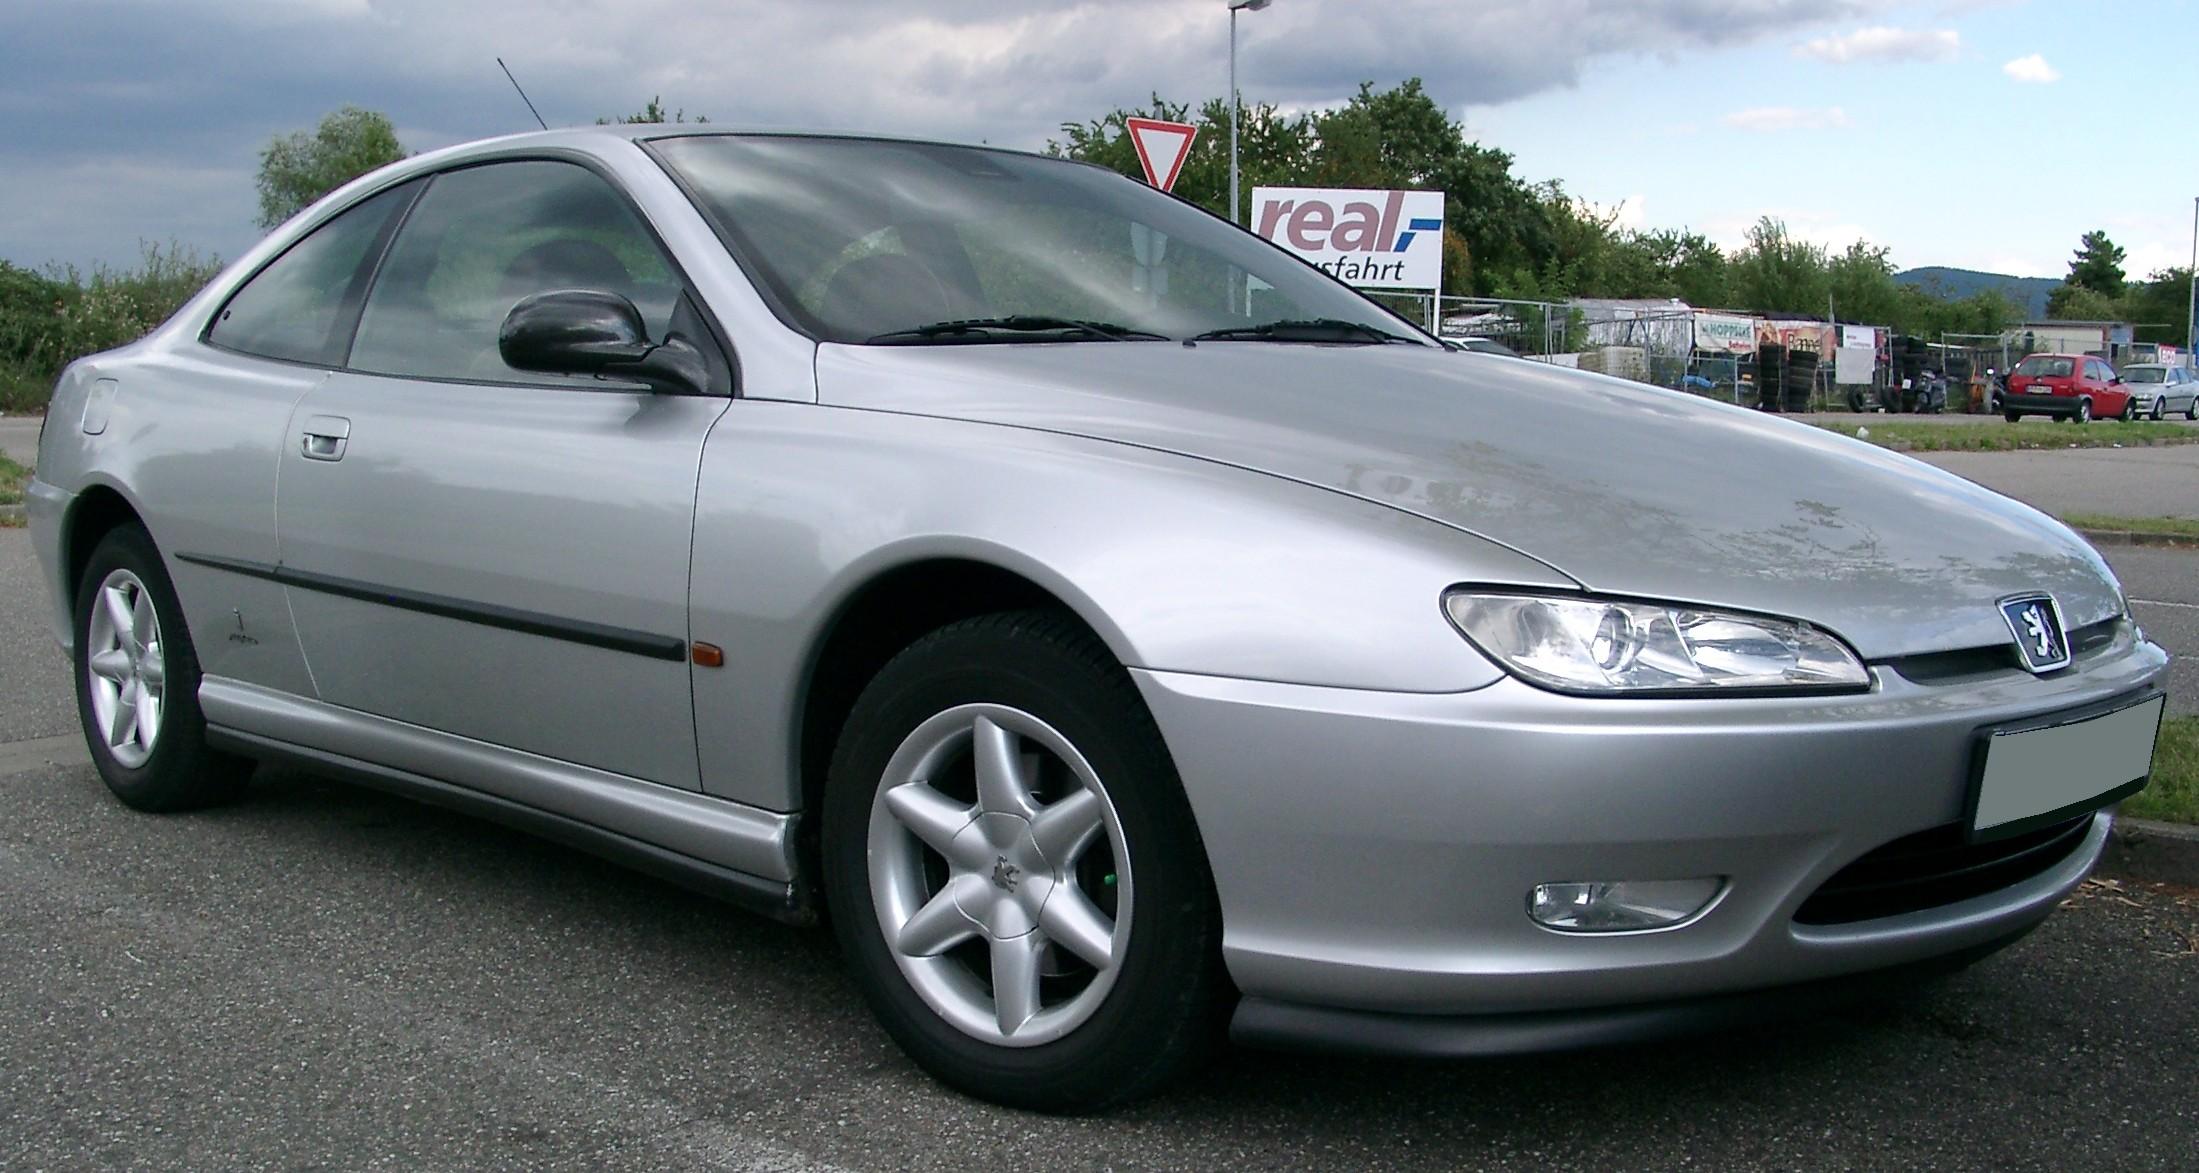 File:Peugeot 406 front 20070730.jpg